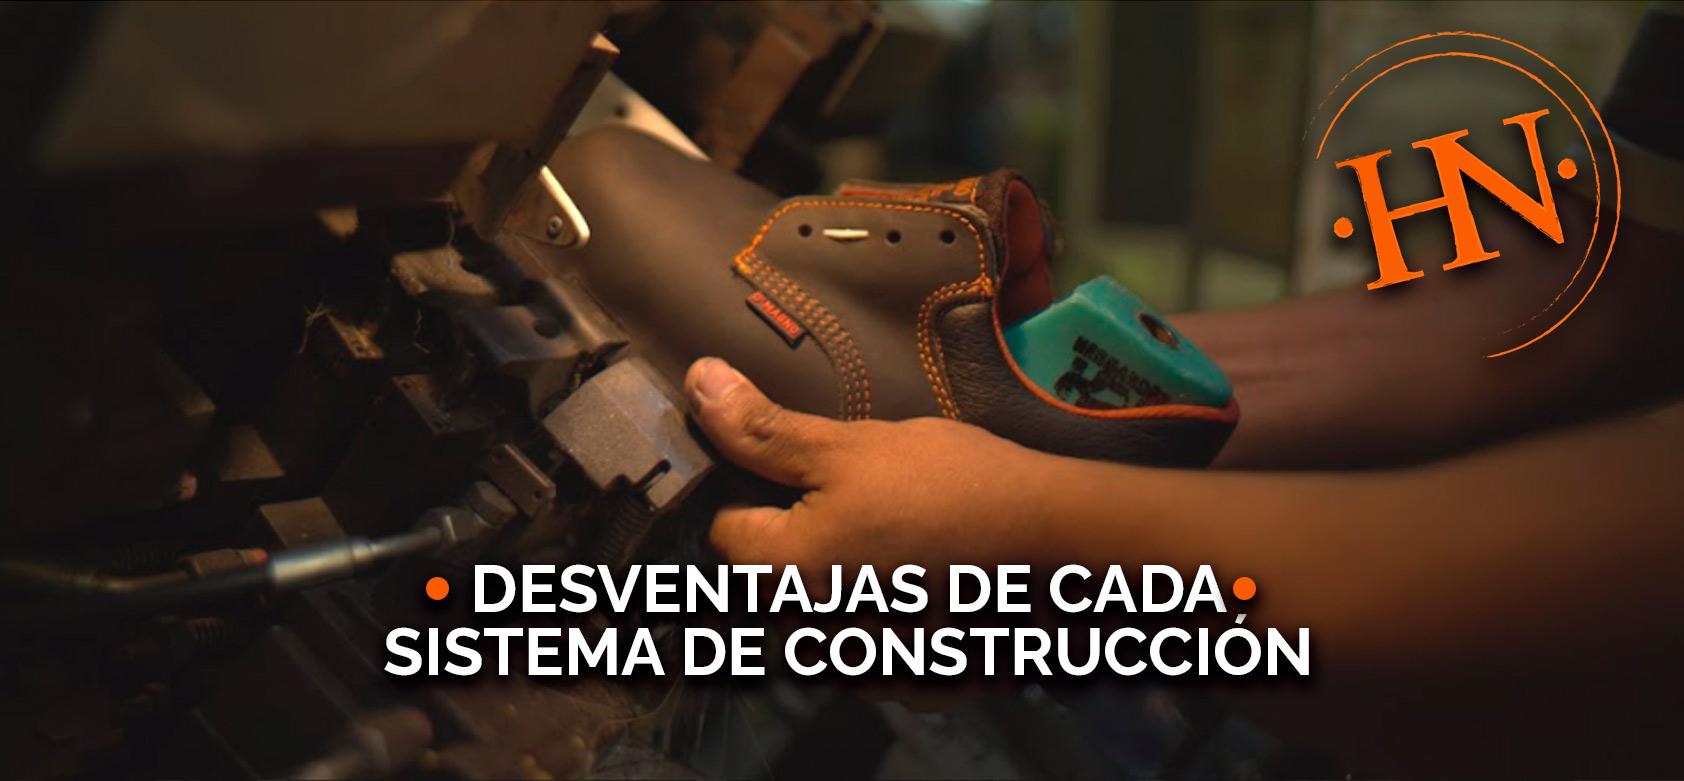 Desventajas-de-cada-Sistema-de-Construcción-de-Calzado.